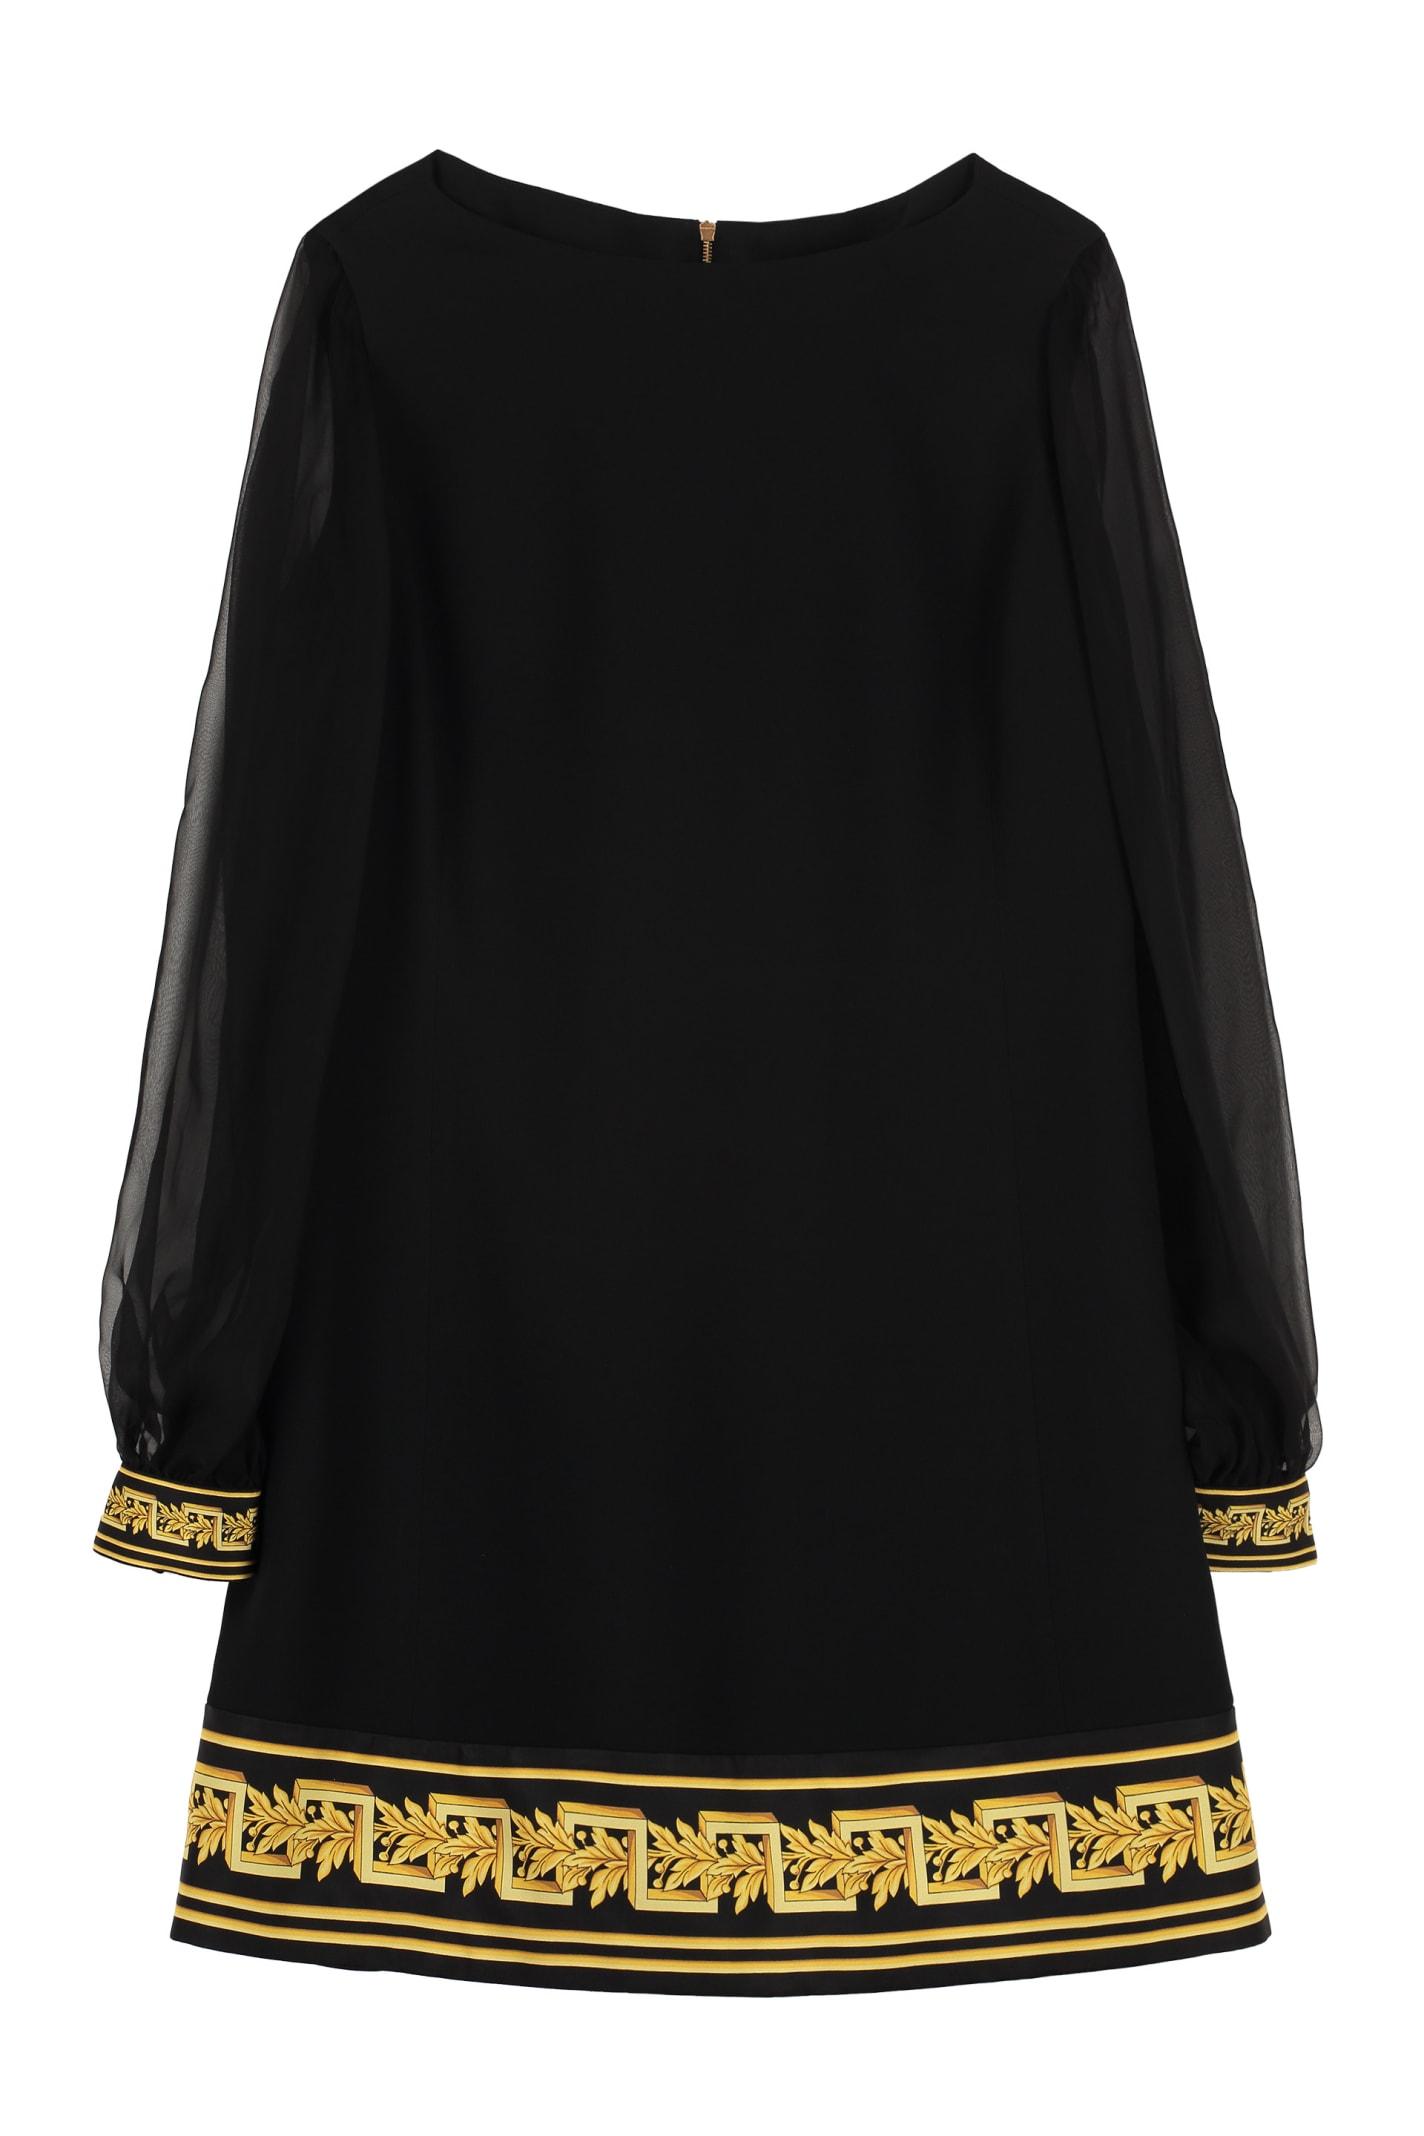 Versace Crêpe Envers Satin Dress